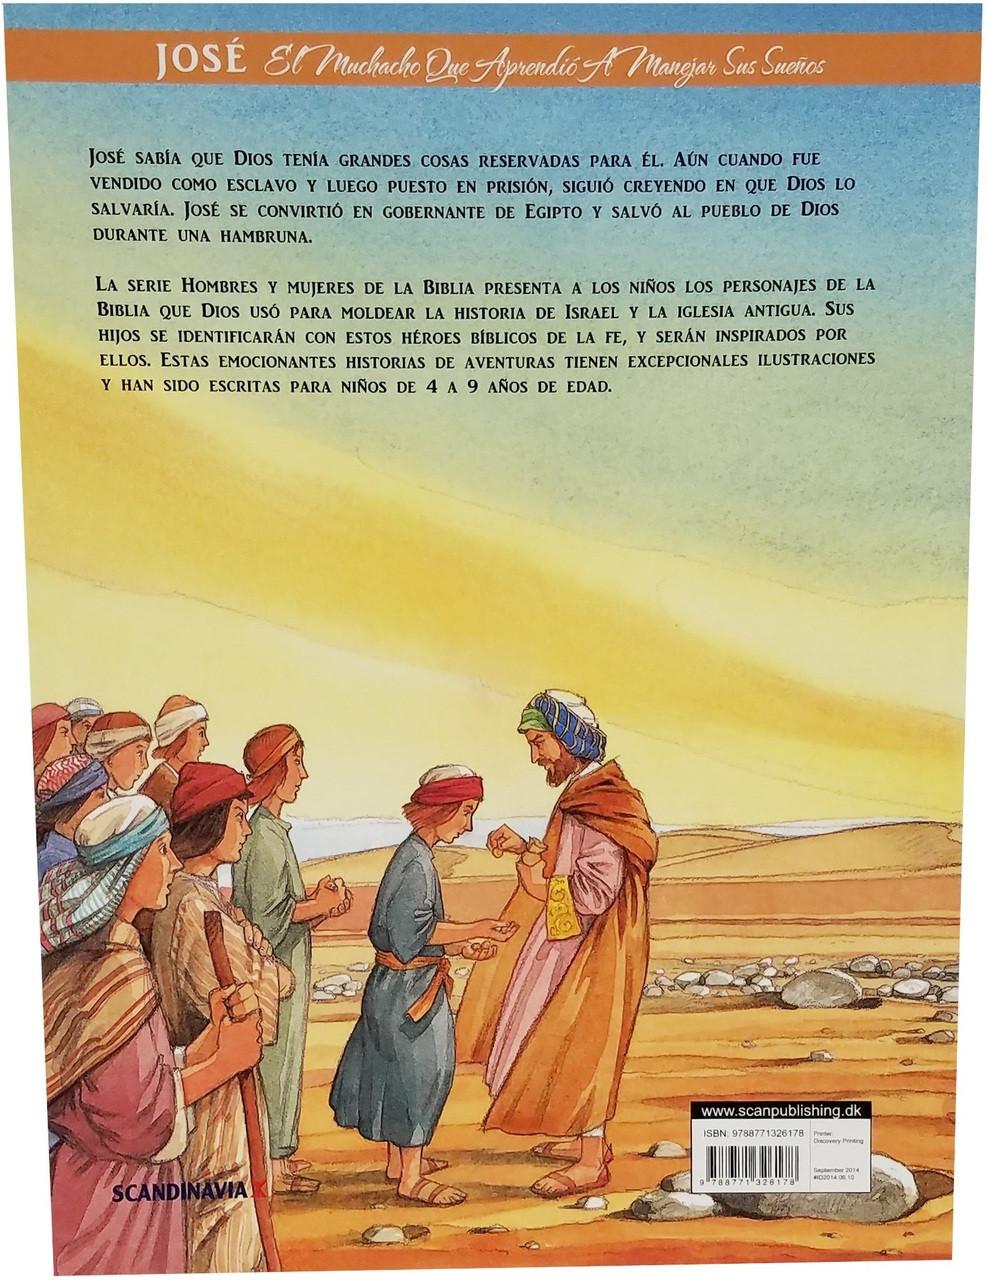 Jose Hombres Y Mujeres En La Serie De La Biblia